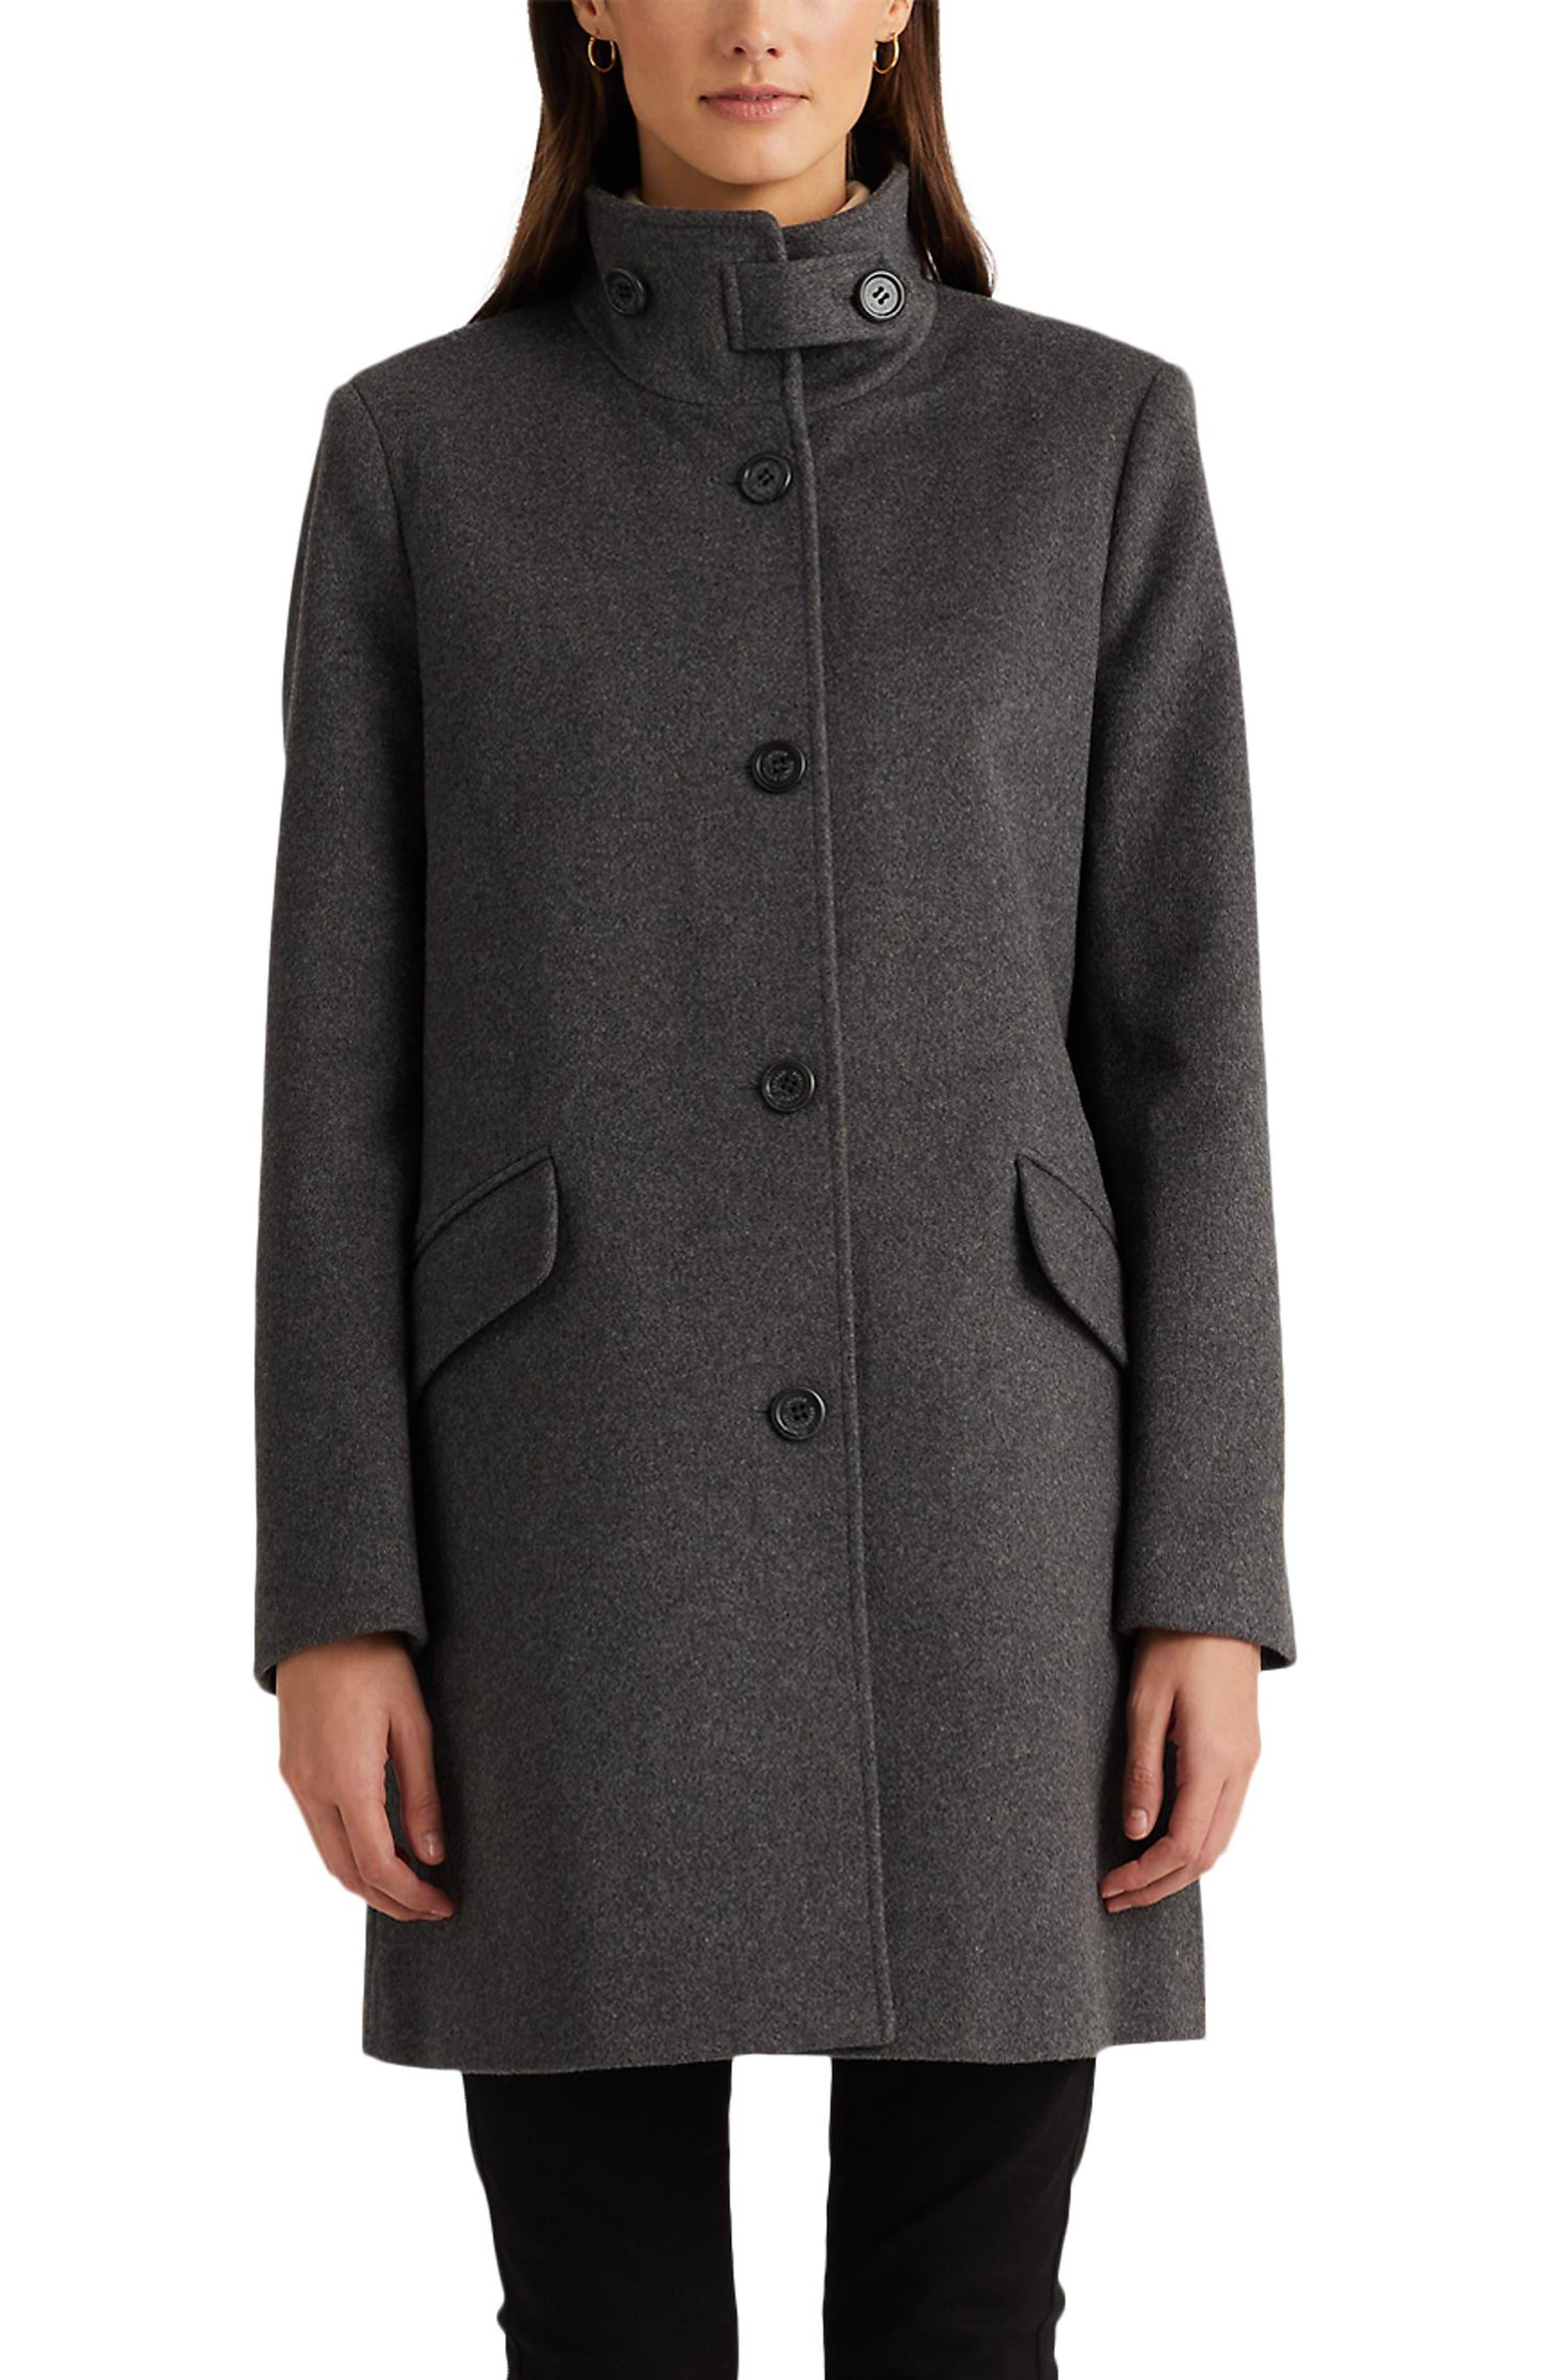 Image of Lauren Ralph Lauren Balmacaan Wool Blend Coat